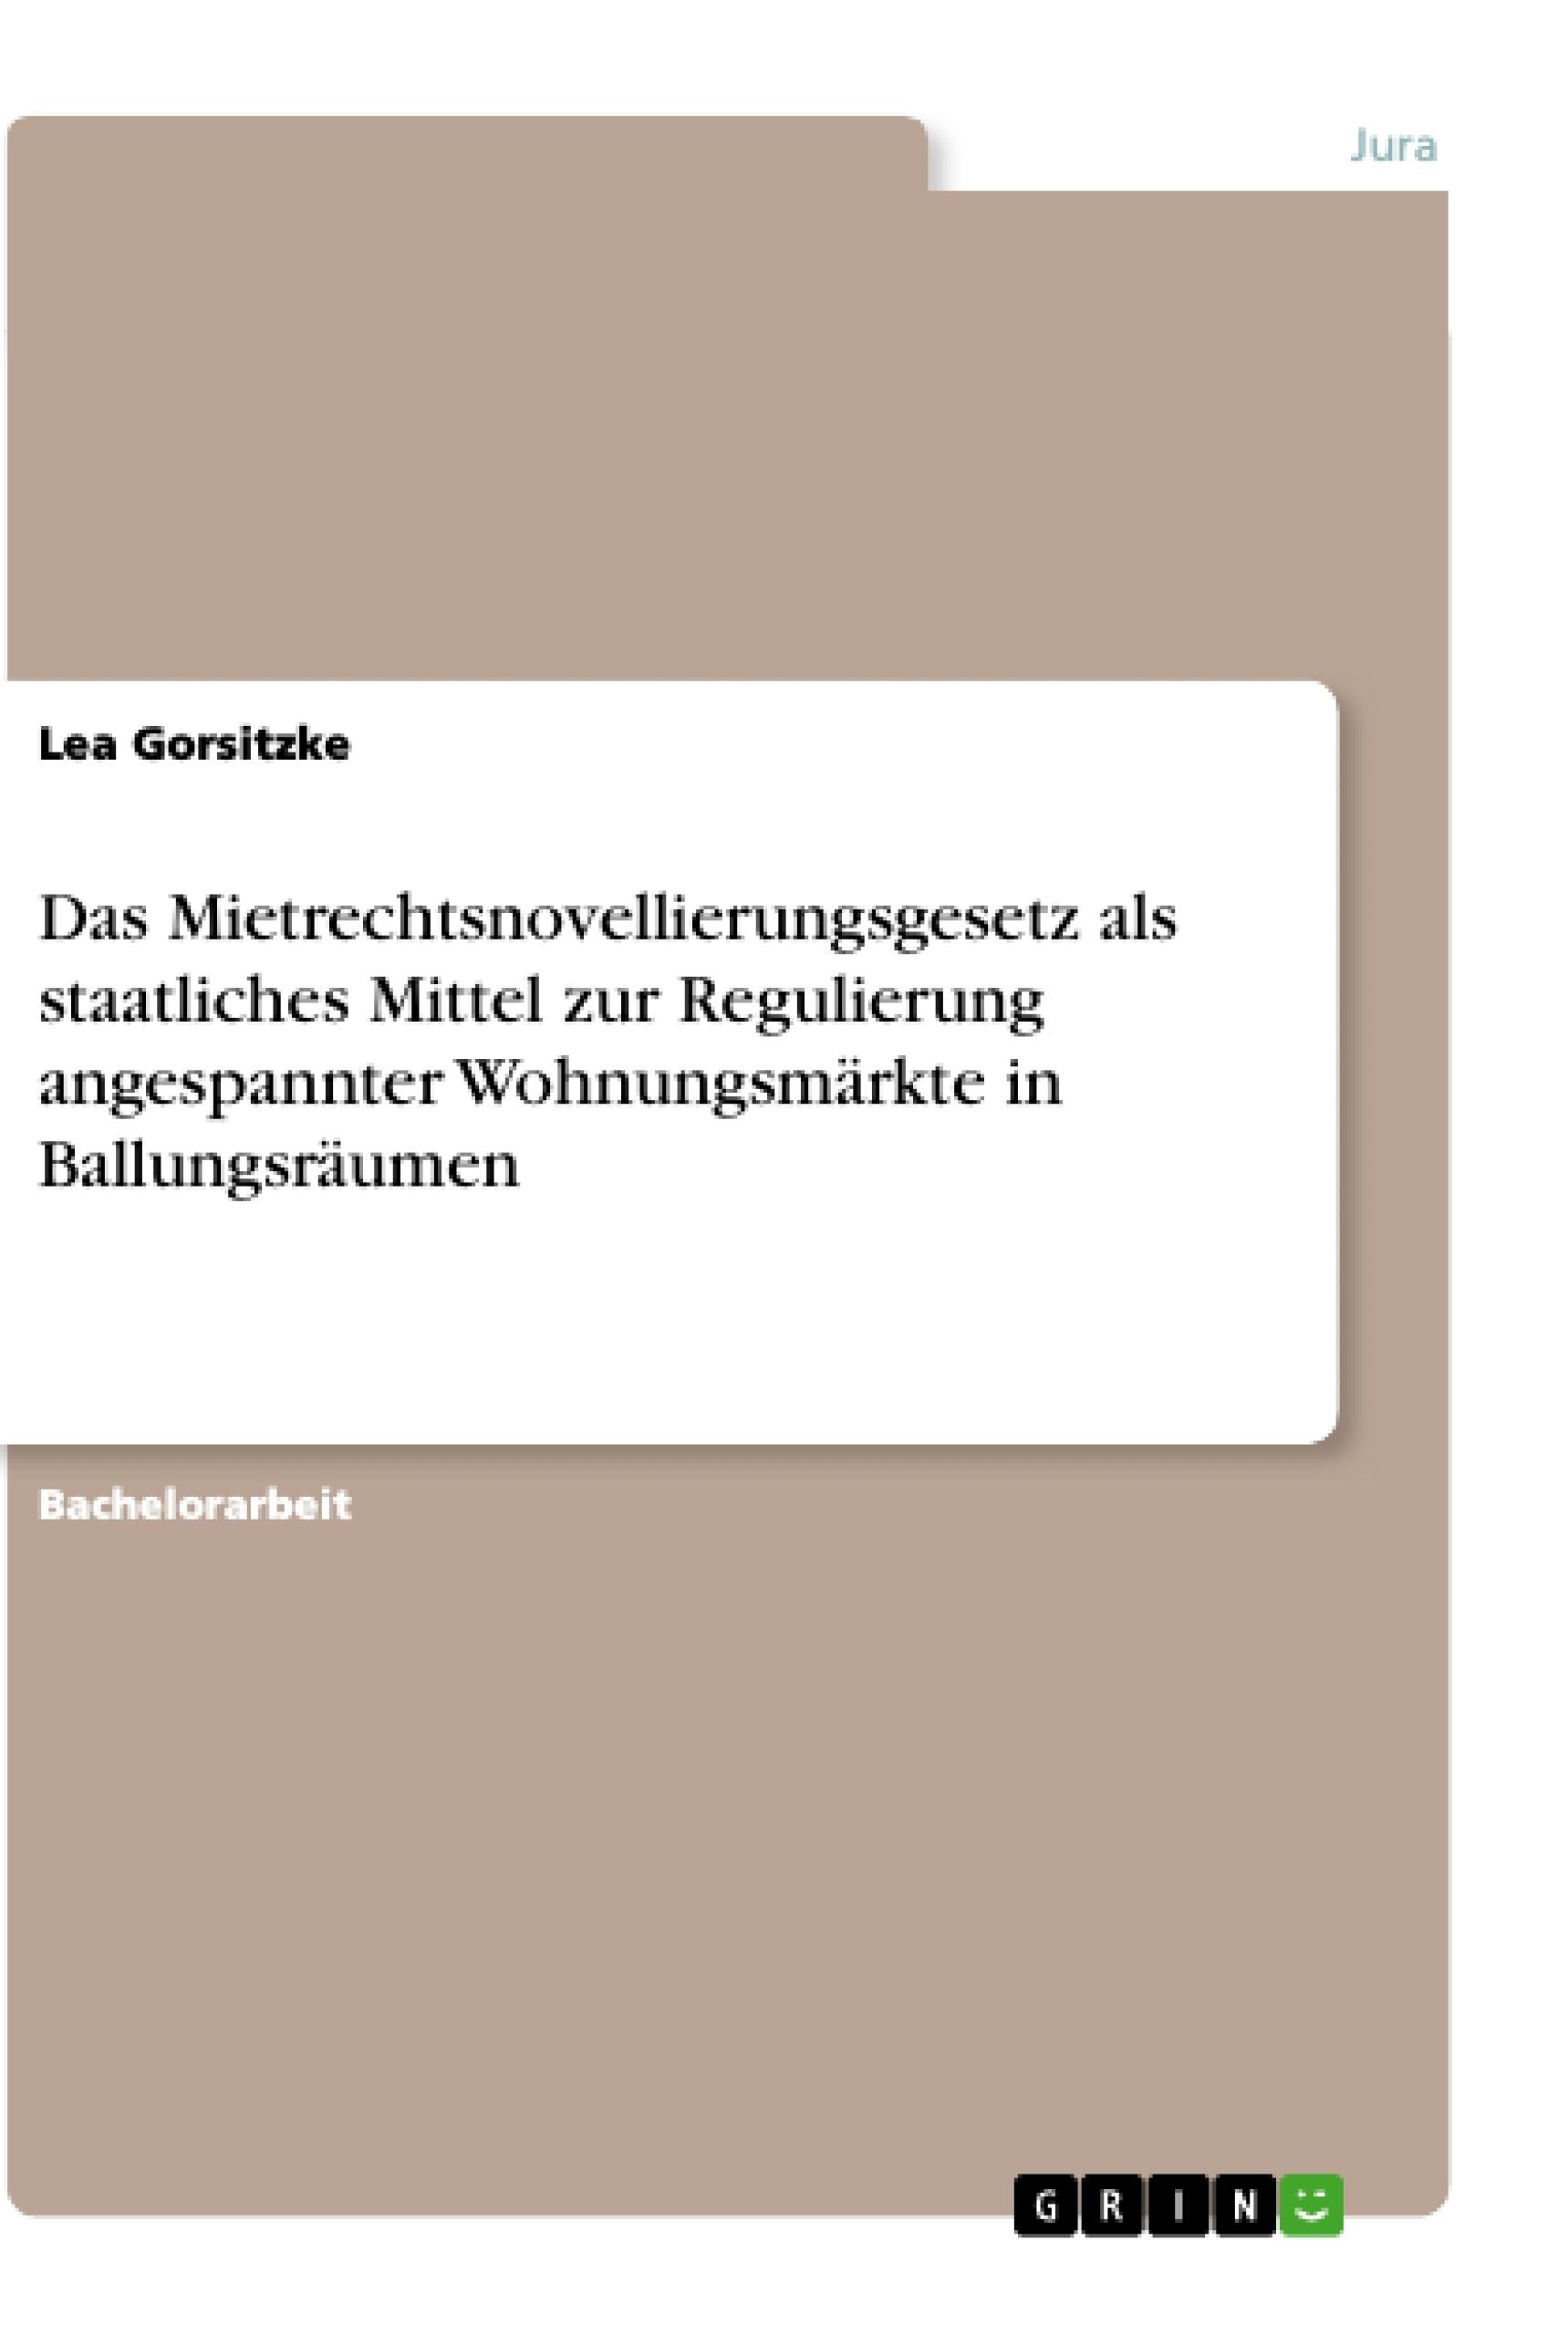 Titel: Das Mietrechtsnovellierungsgesetz als staatliches Mittel zur Regulierung angespannter Wohnungsmärkte in Ballungsräumen